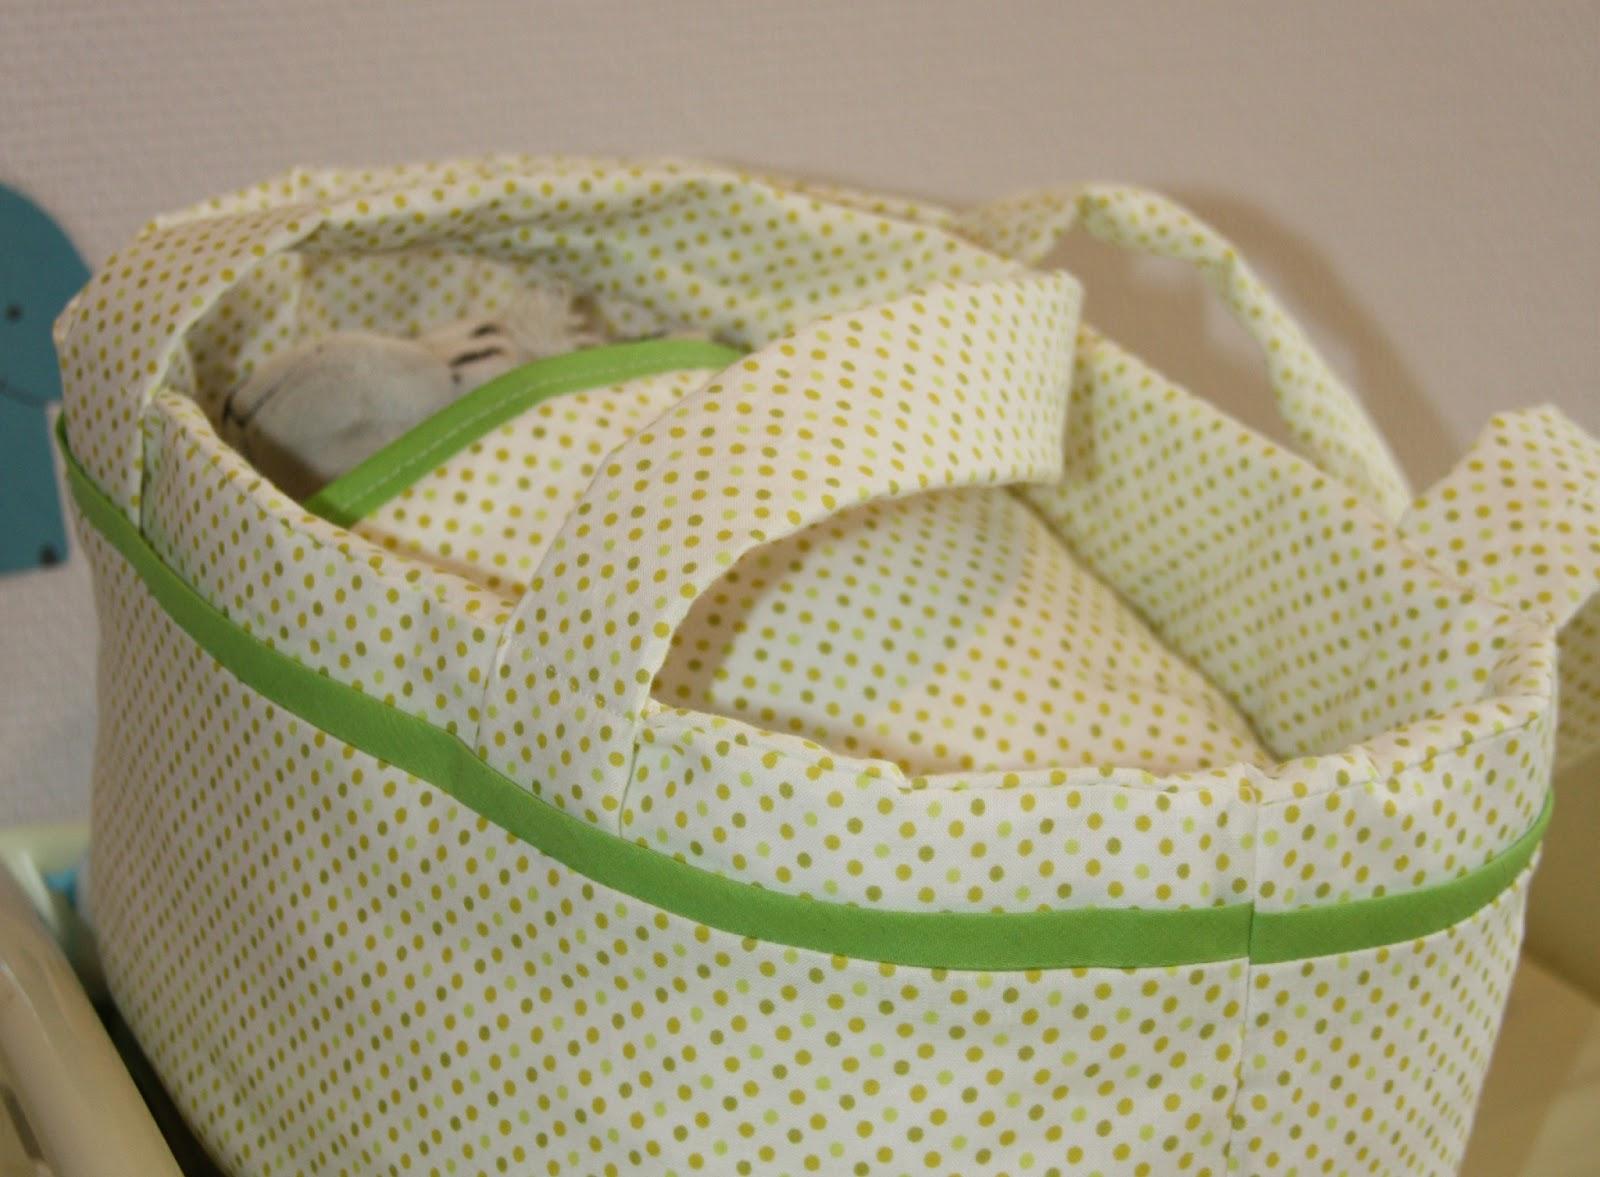 Couffins et petits habits apaisent la douleur des parents endeuillés.